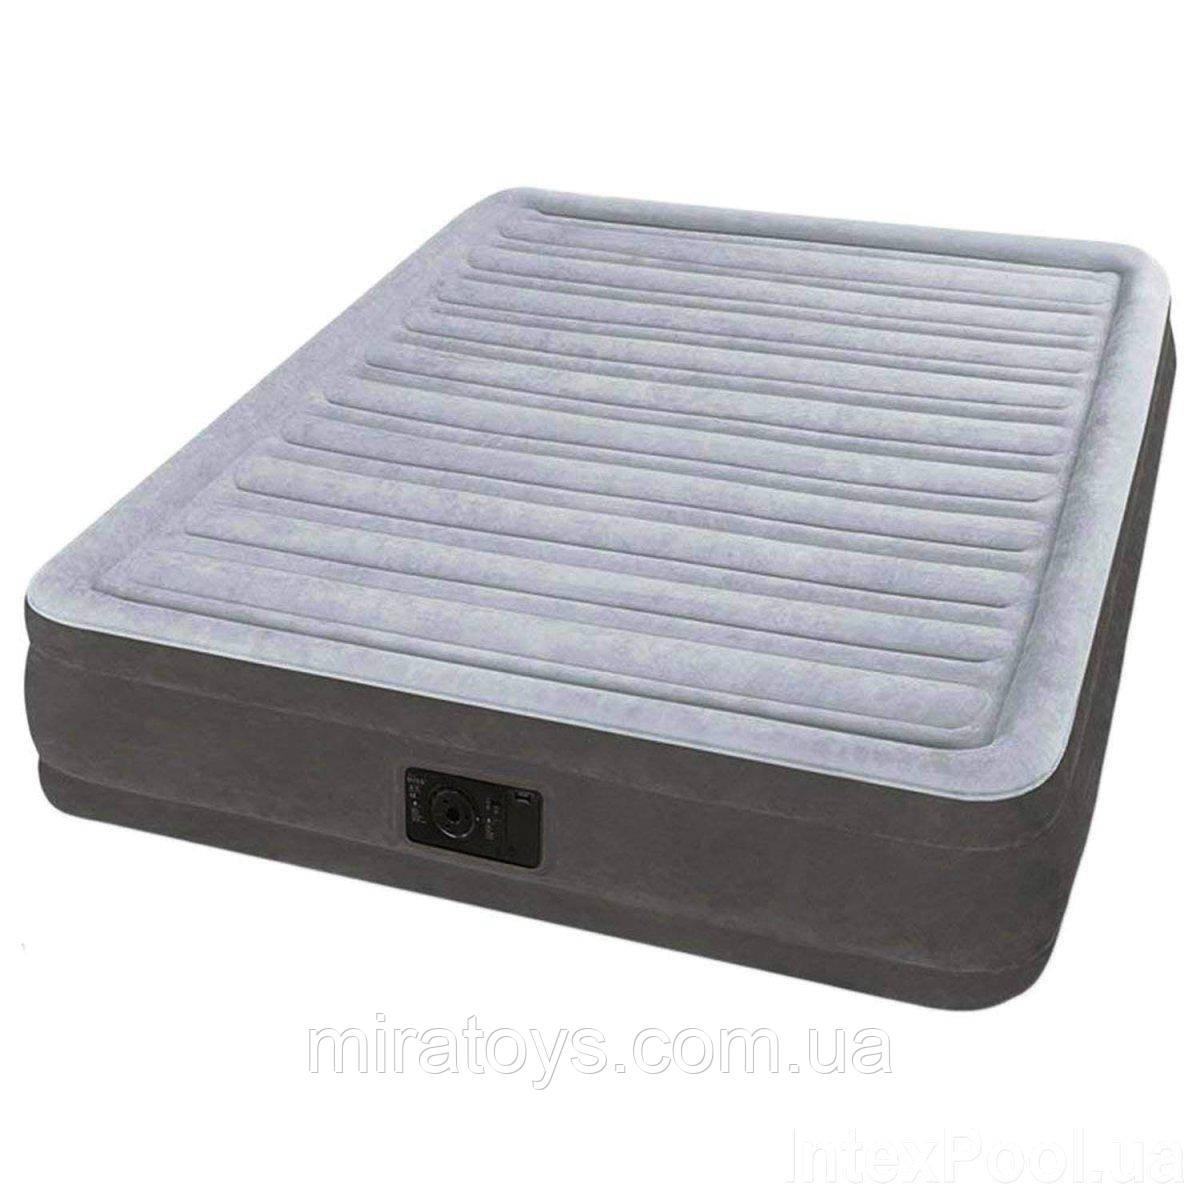 ✅Надувная кровать Intex 67768, 137 x 191 x 33 , встроенный электронасос. Полутороспальная